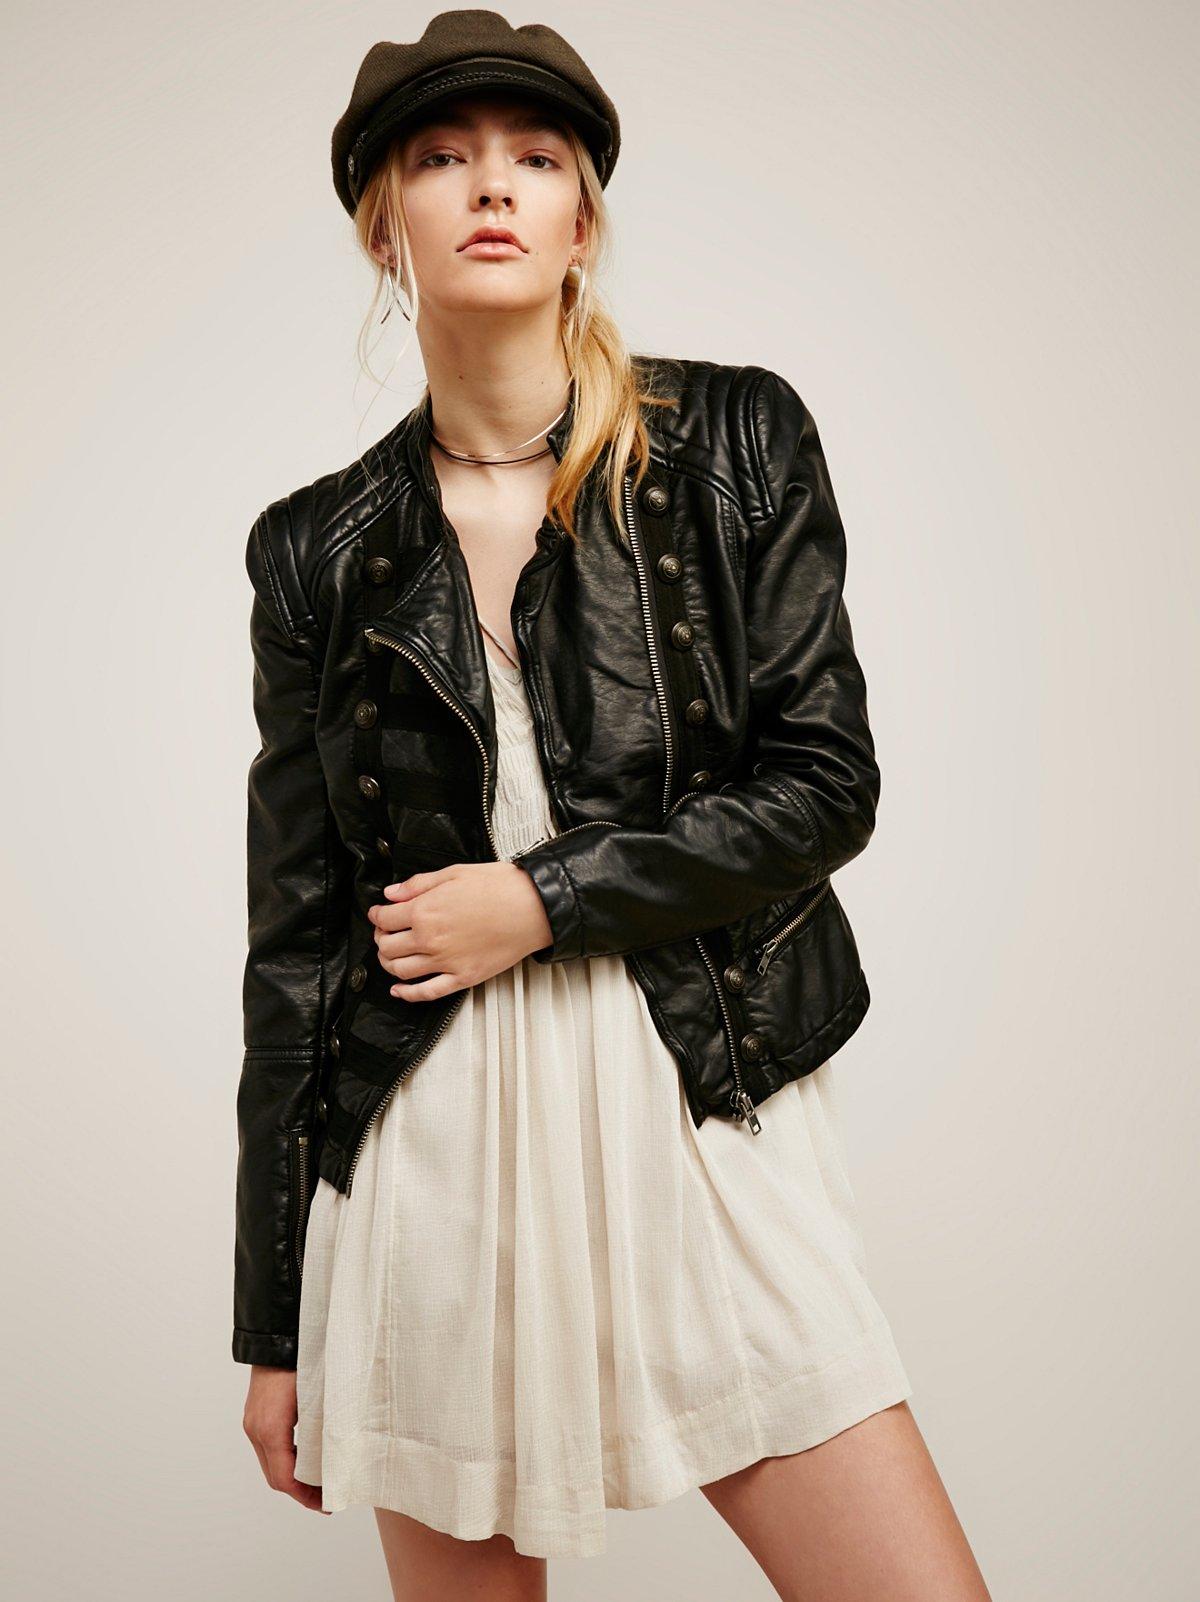 Vegan Leather Band Jacket